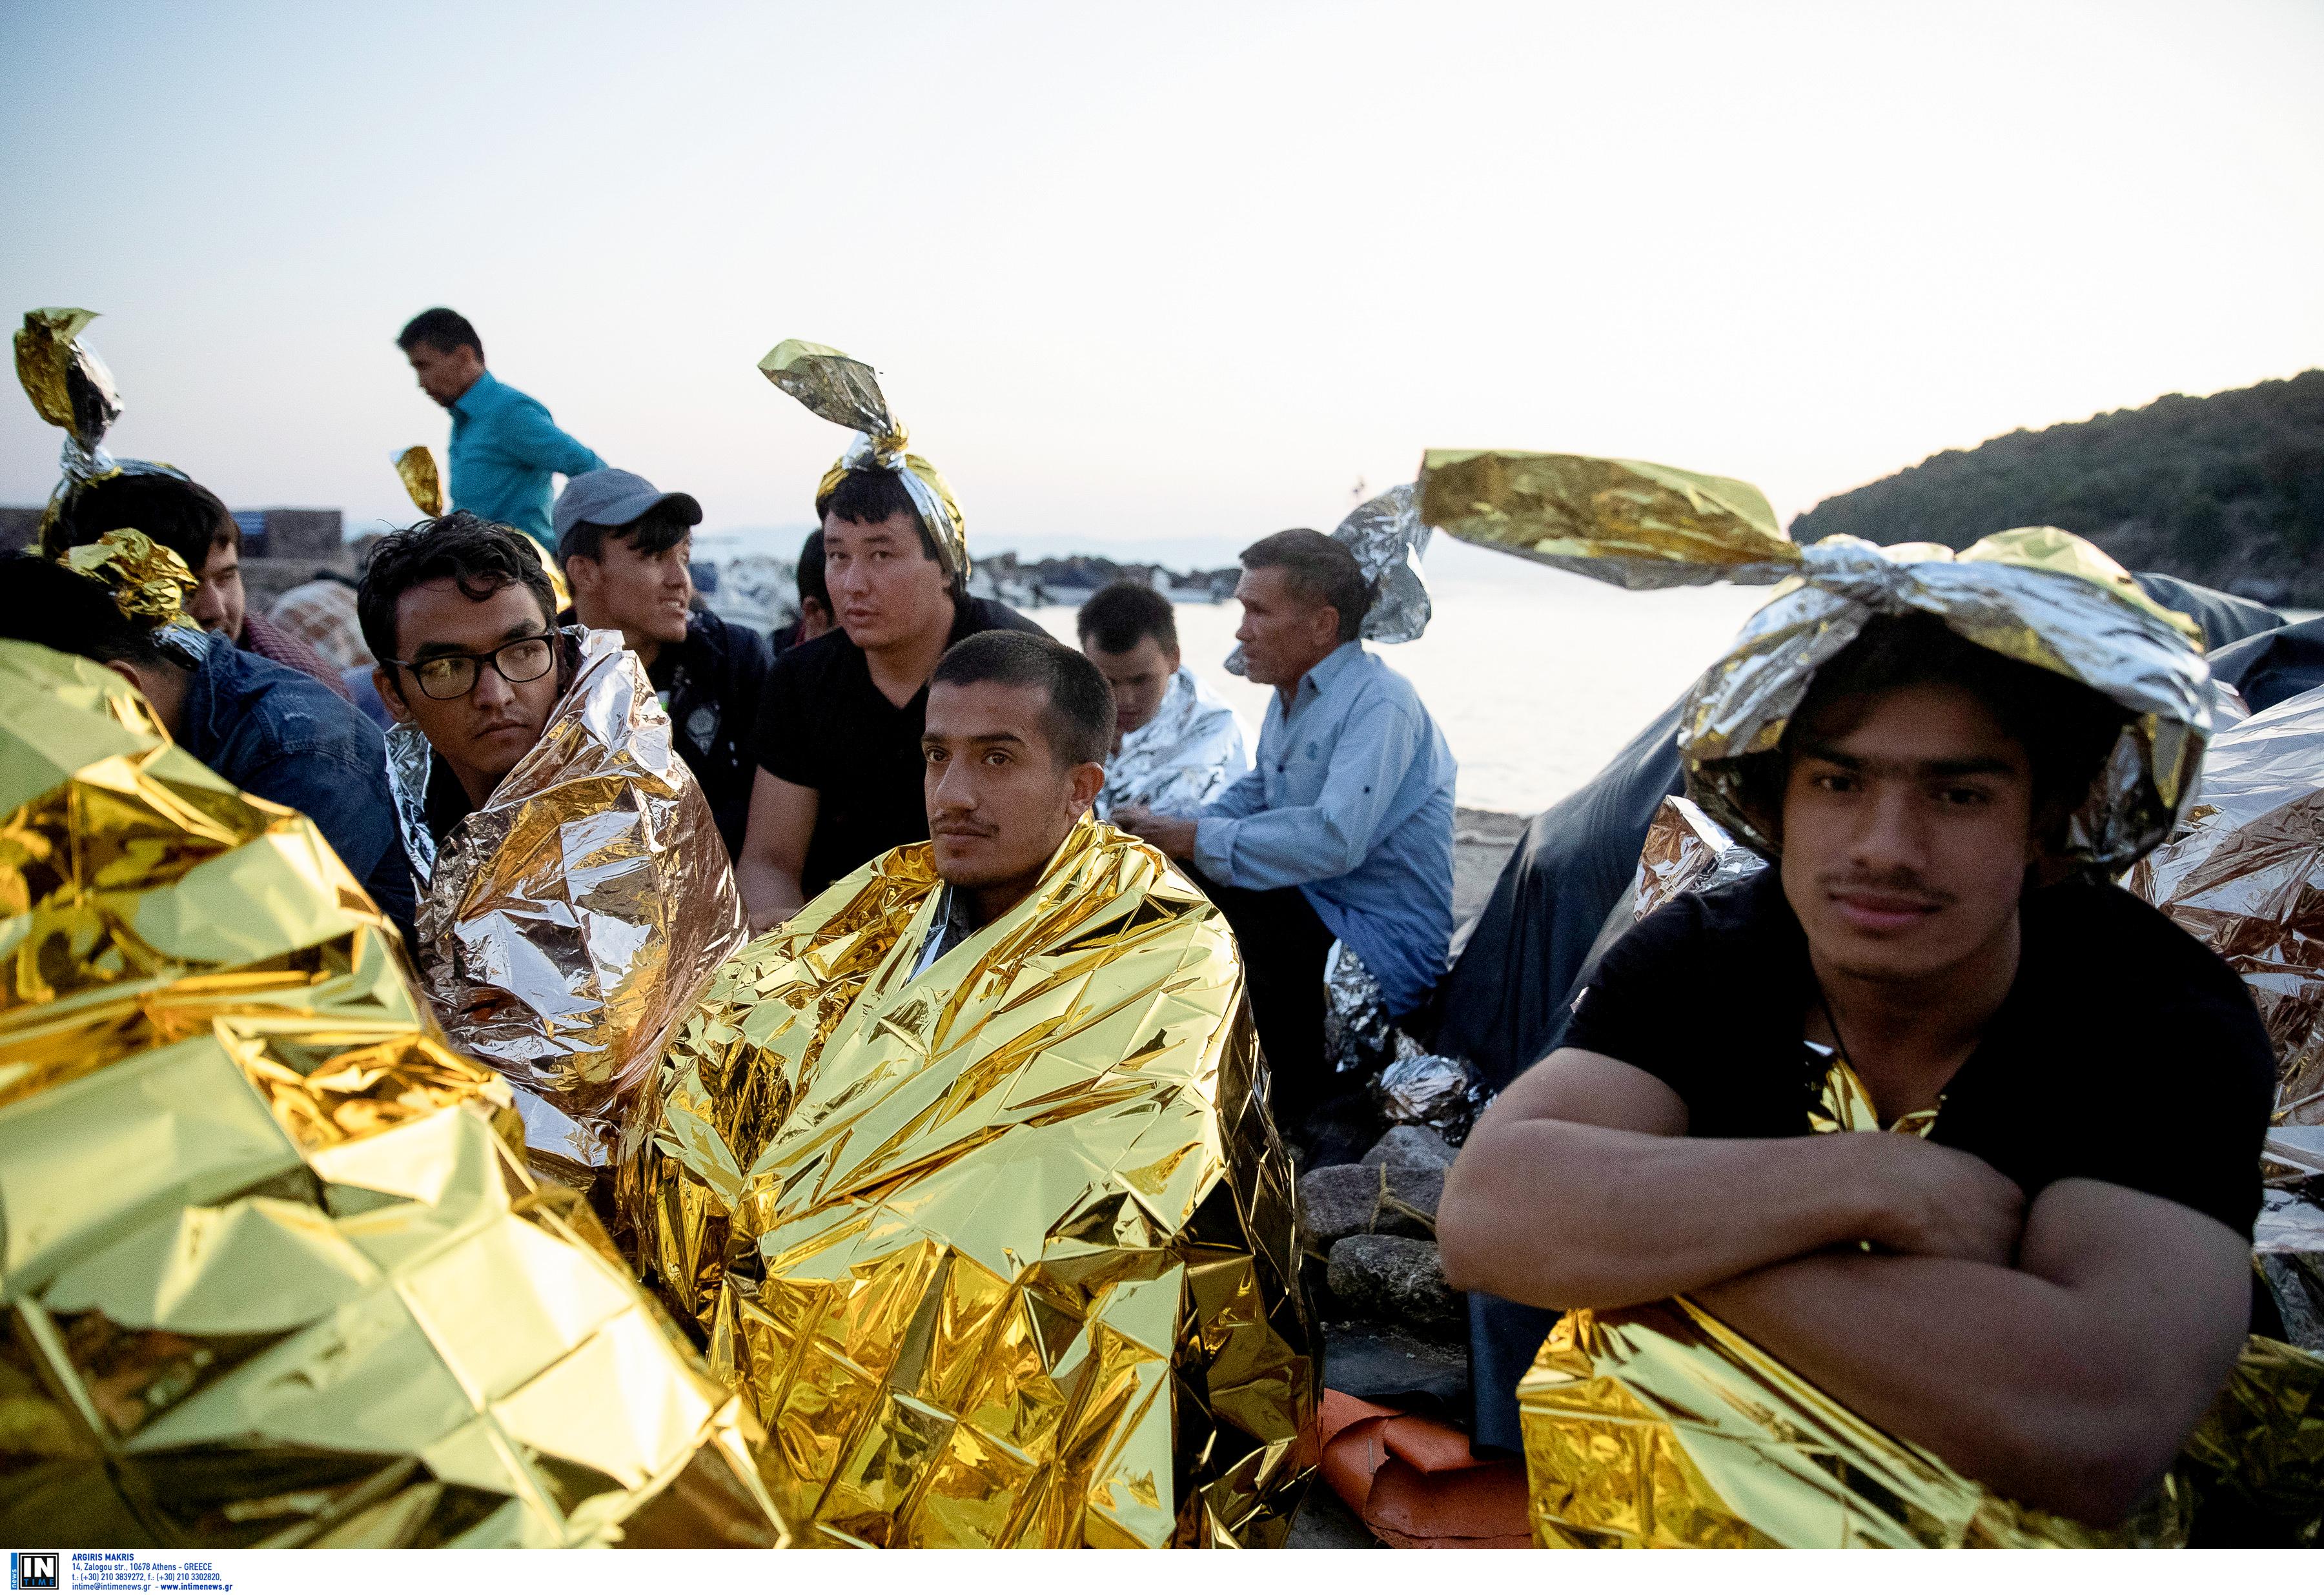 """Λέσβος: Προσφυγικό ώρα μηδέν – Νέες αφίξεις από τα τουρκικά παράλια – """"Ασφυξία"""" στη Μόρια!"""